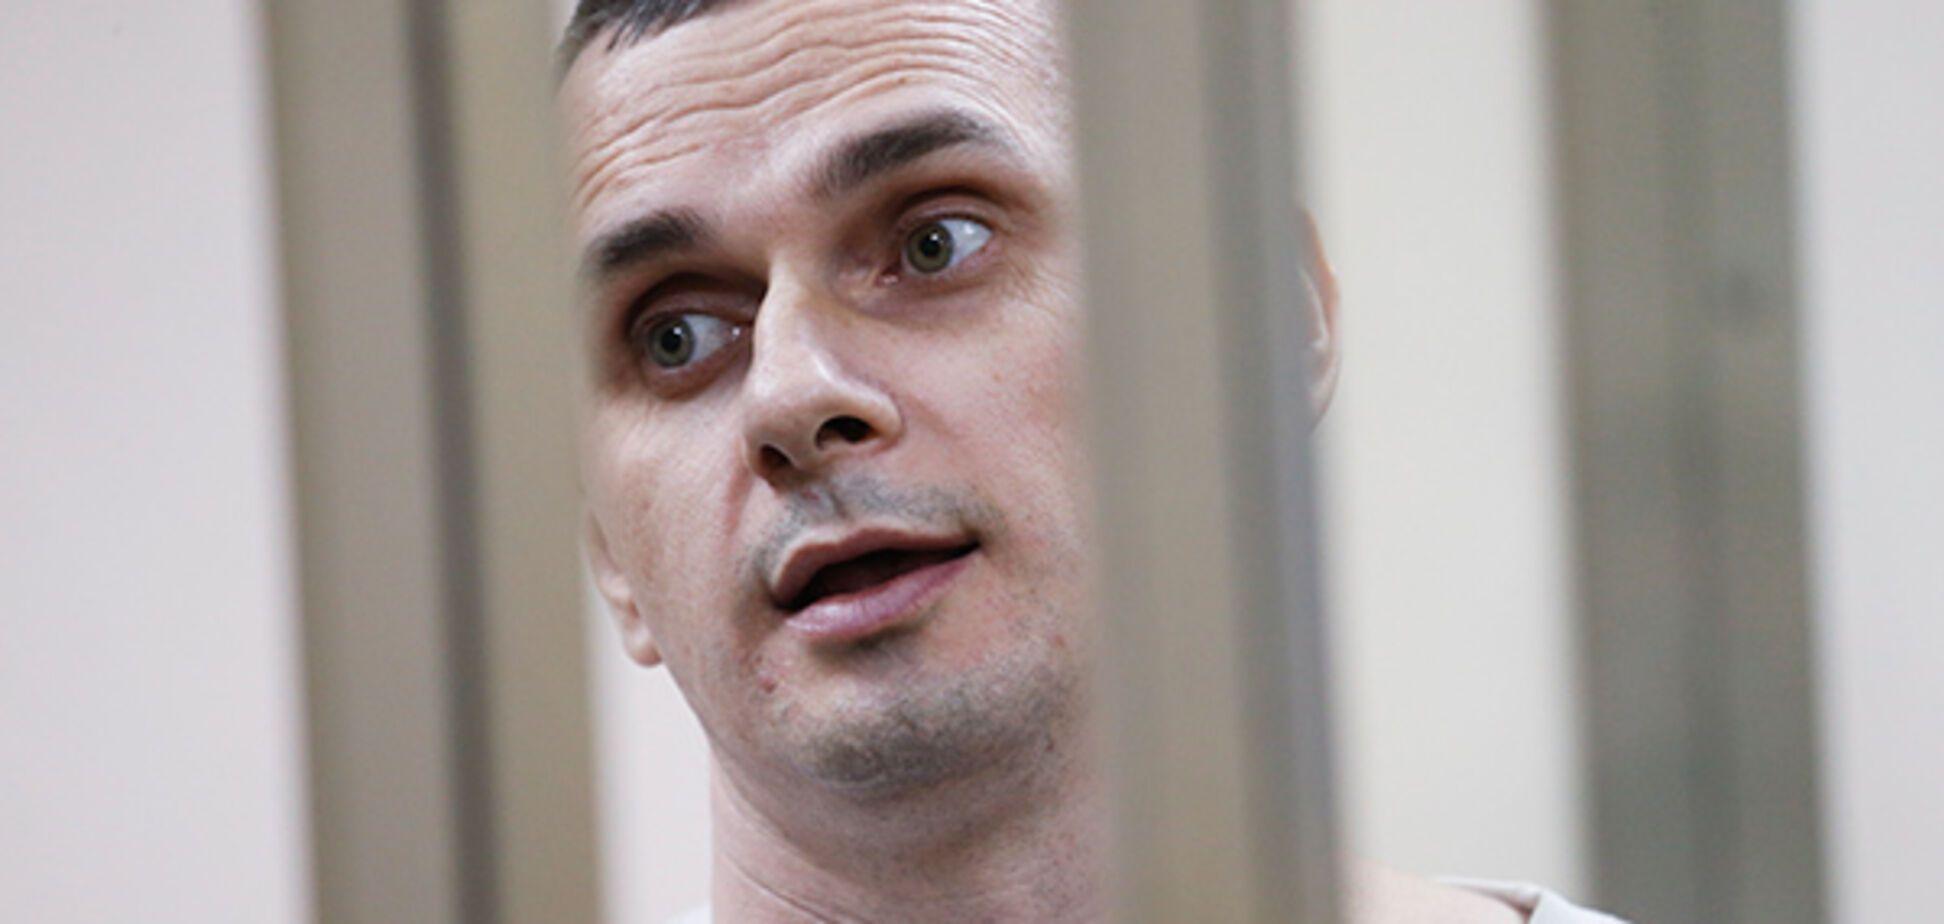 'Козырь в рукаве': правозащитница пояснила, за что Кремль заплатит Сенцовым